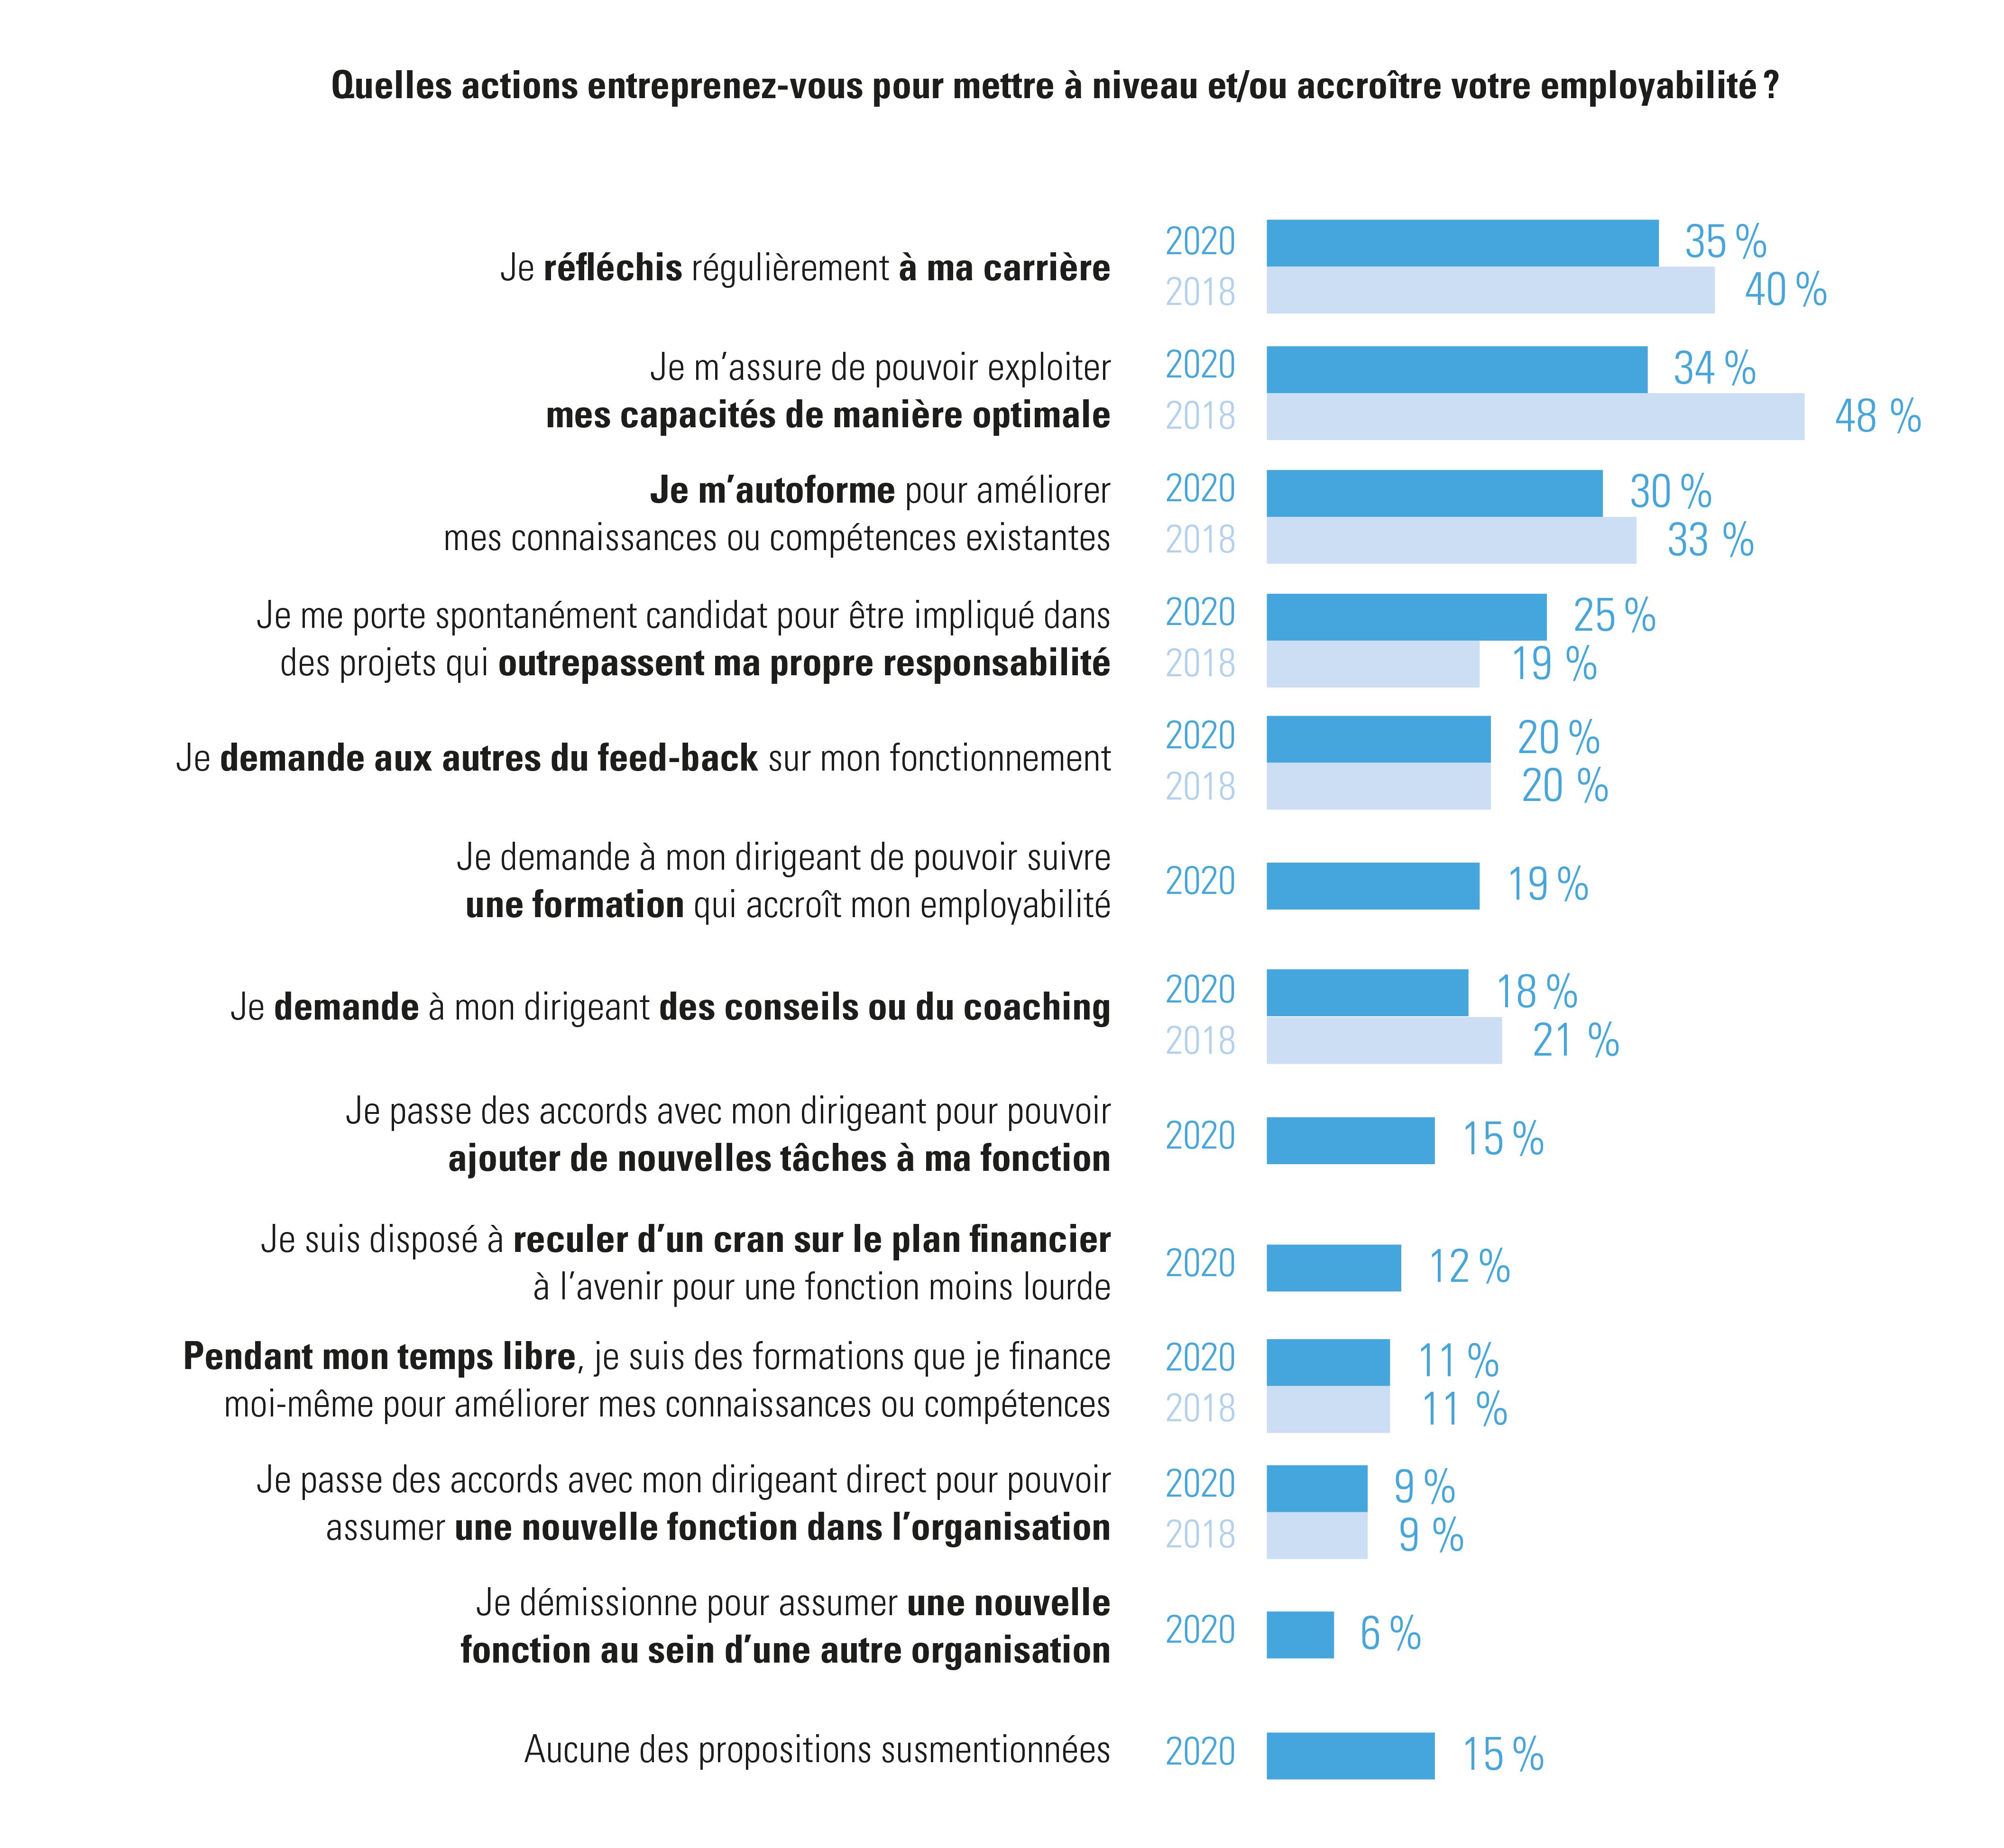 Actions des travailleurs pour rendre leur employabilité plus durable